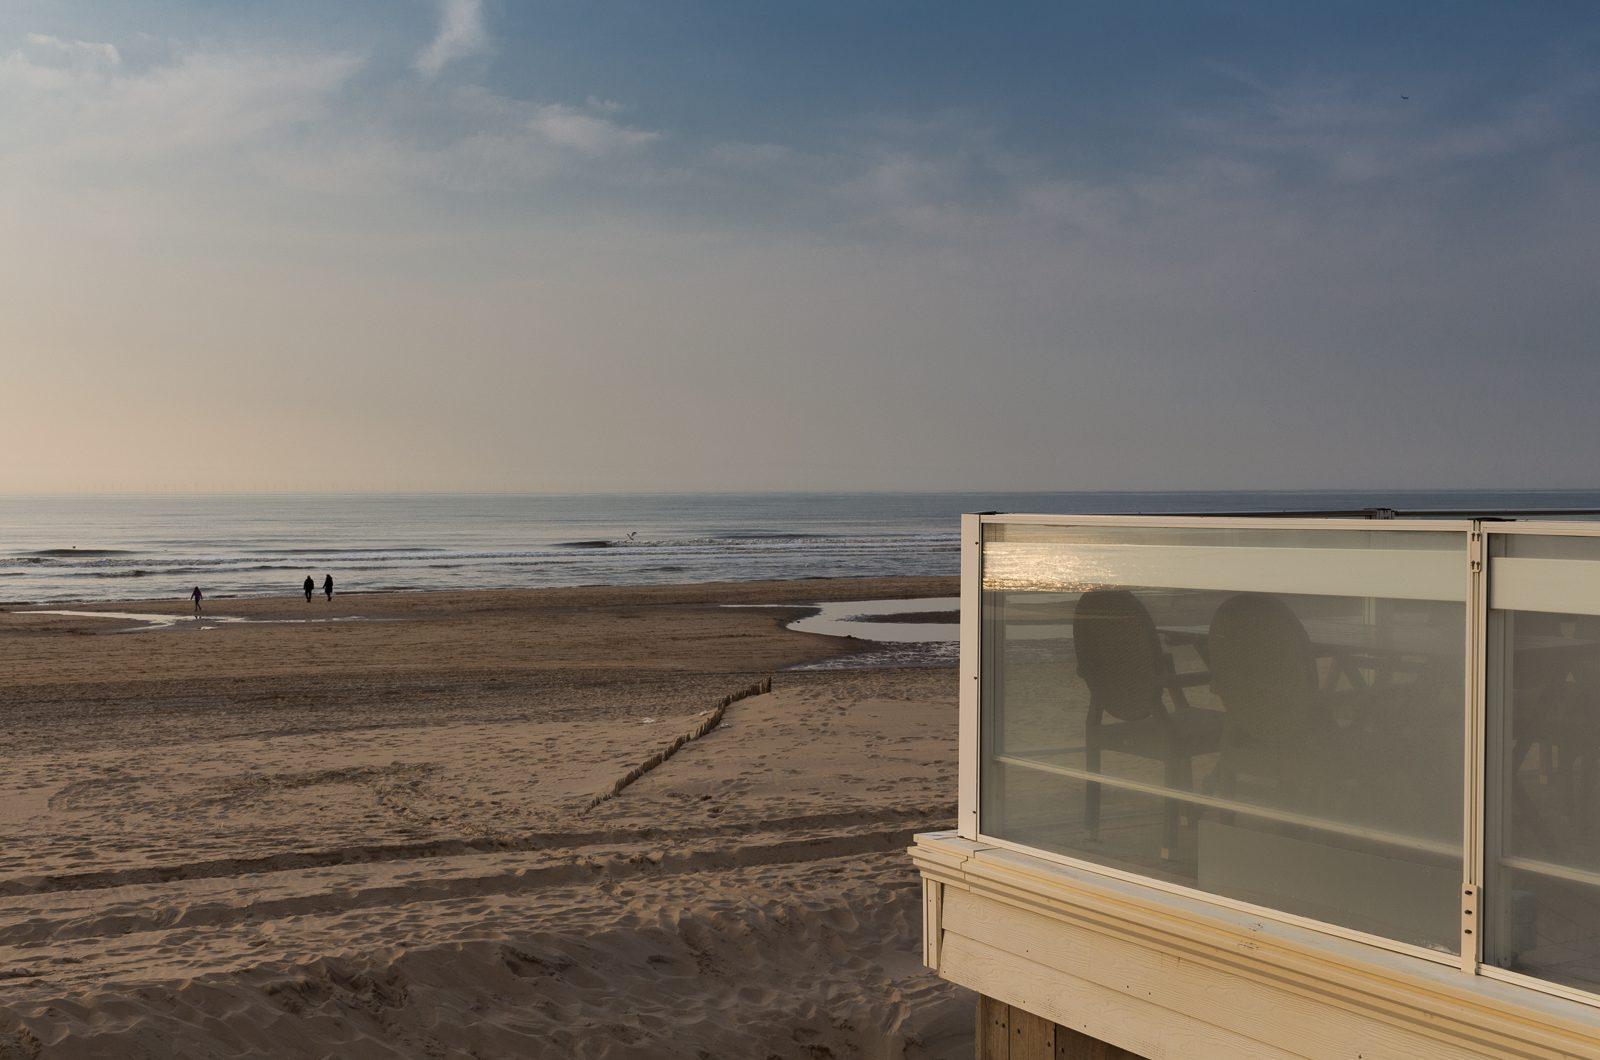 niederlande_noordwijk_keukenhof_reiseblog-2655